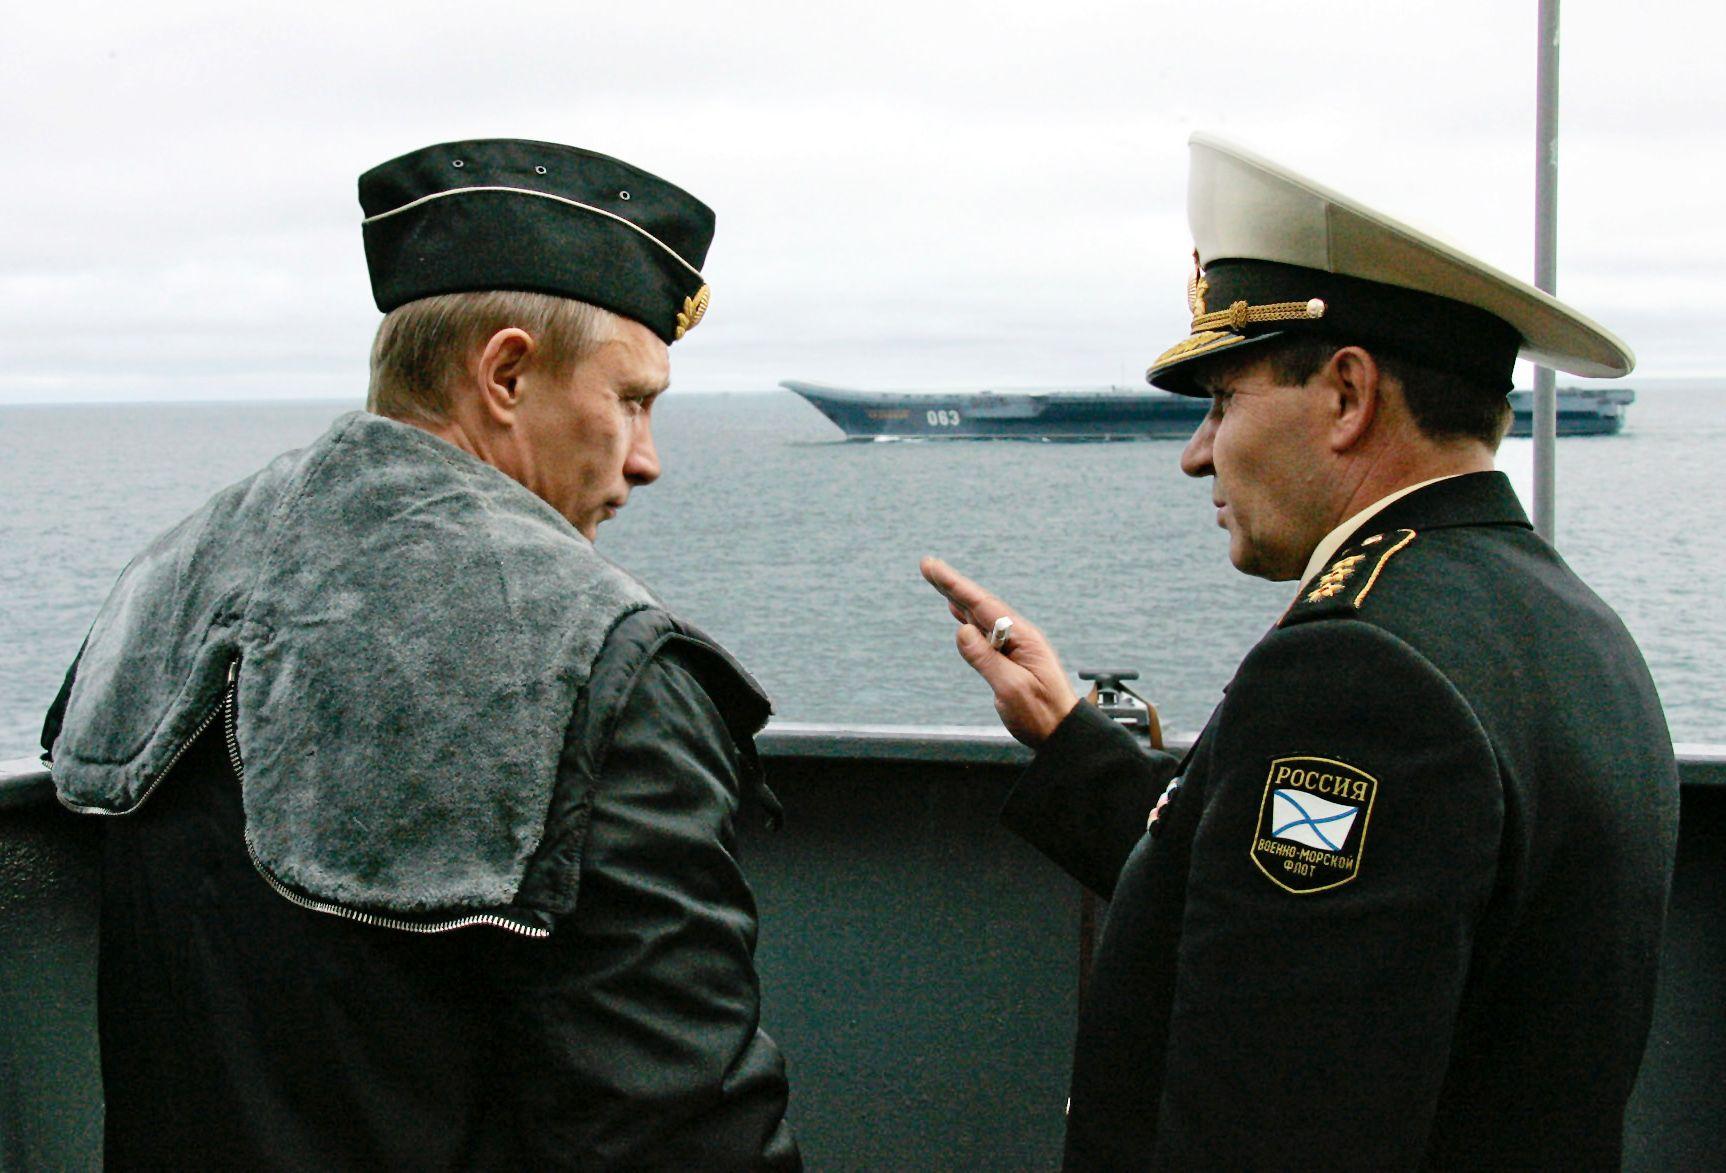 Putin in naval uniform